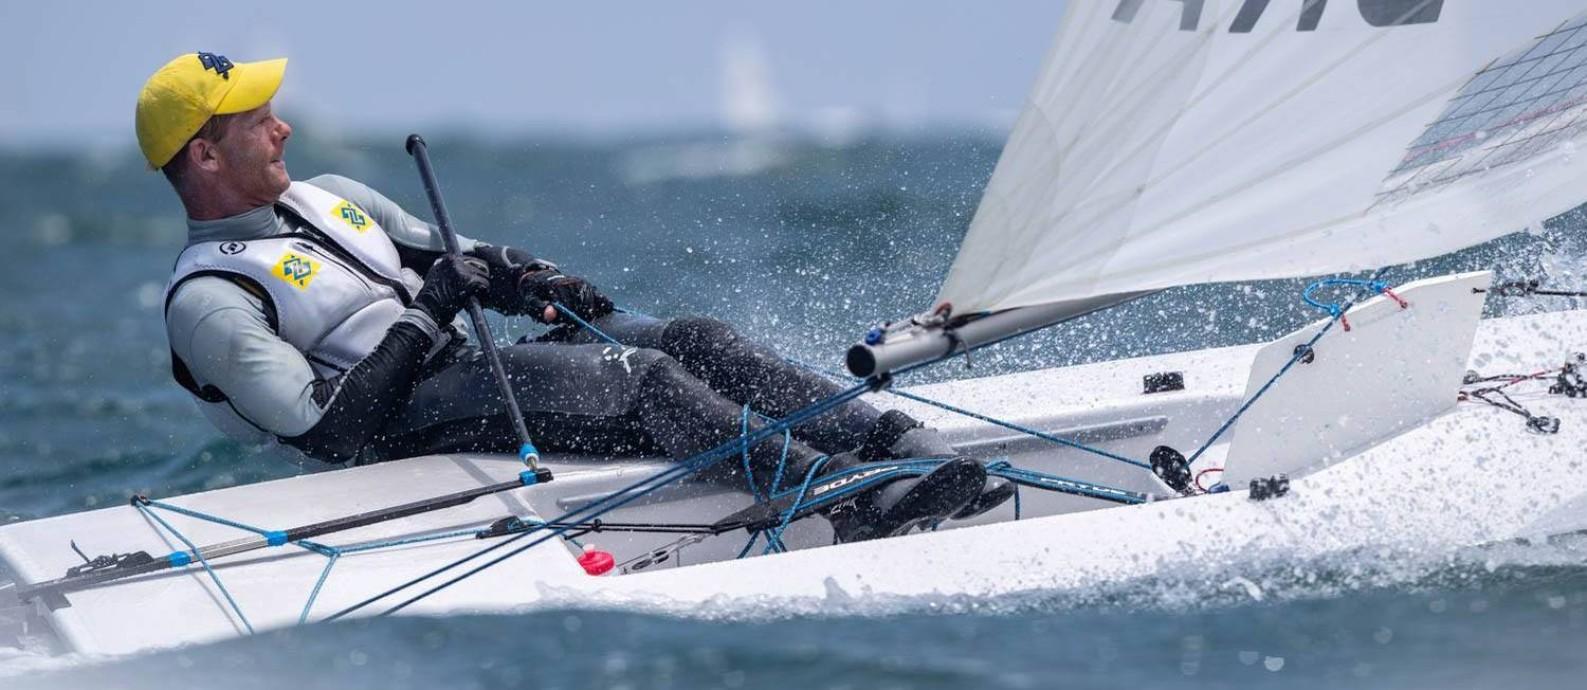 Robert Scheidt tem 181 títulos, 89 internacionais, sendo onze títulos mundiais na Laser Foto: Divulgação